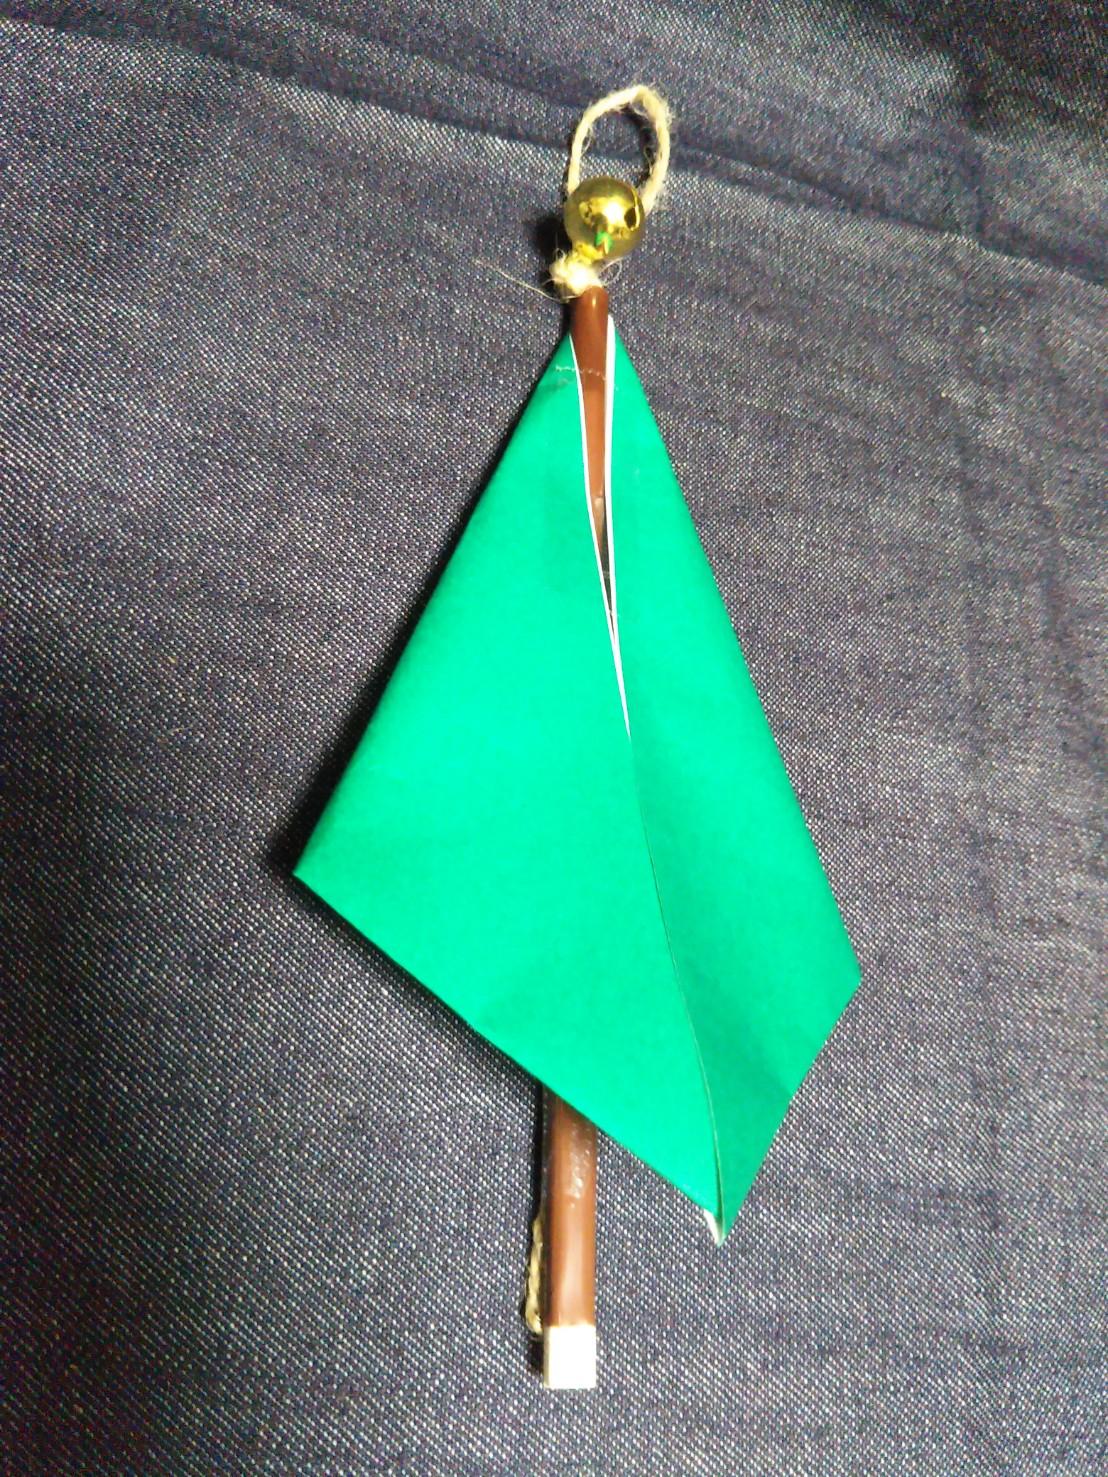 バラン クリスマスツリー 土台をツリー型に折る